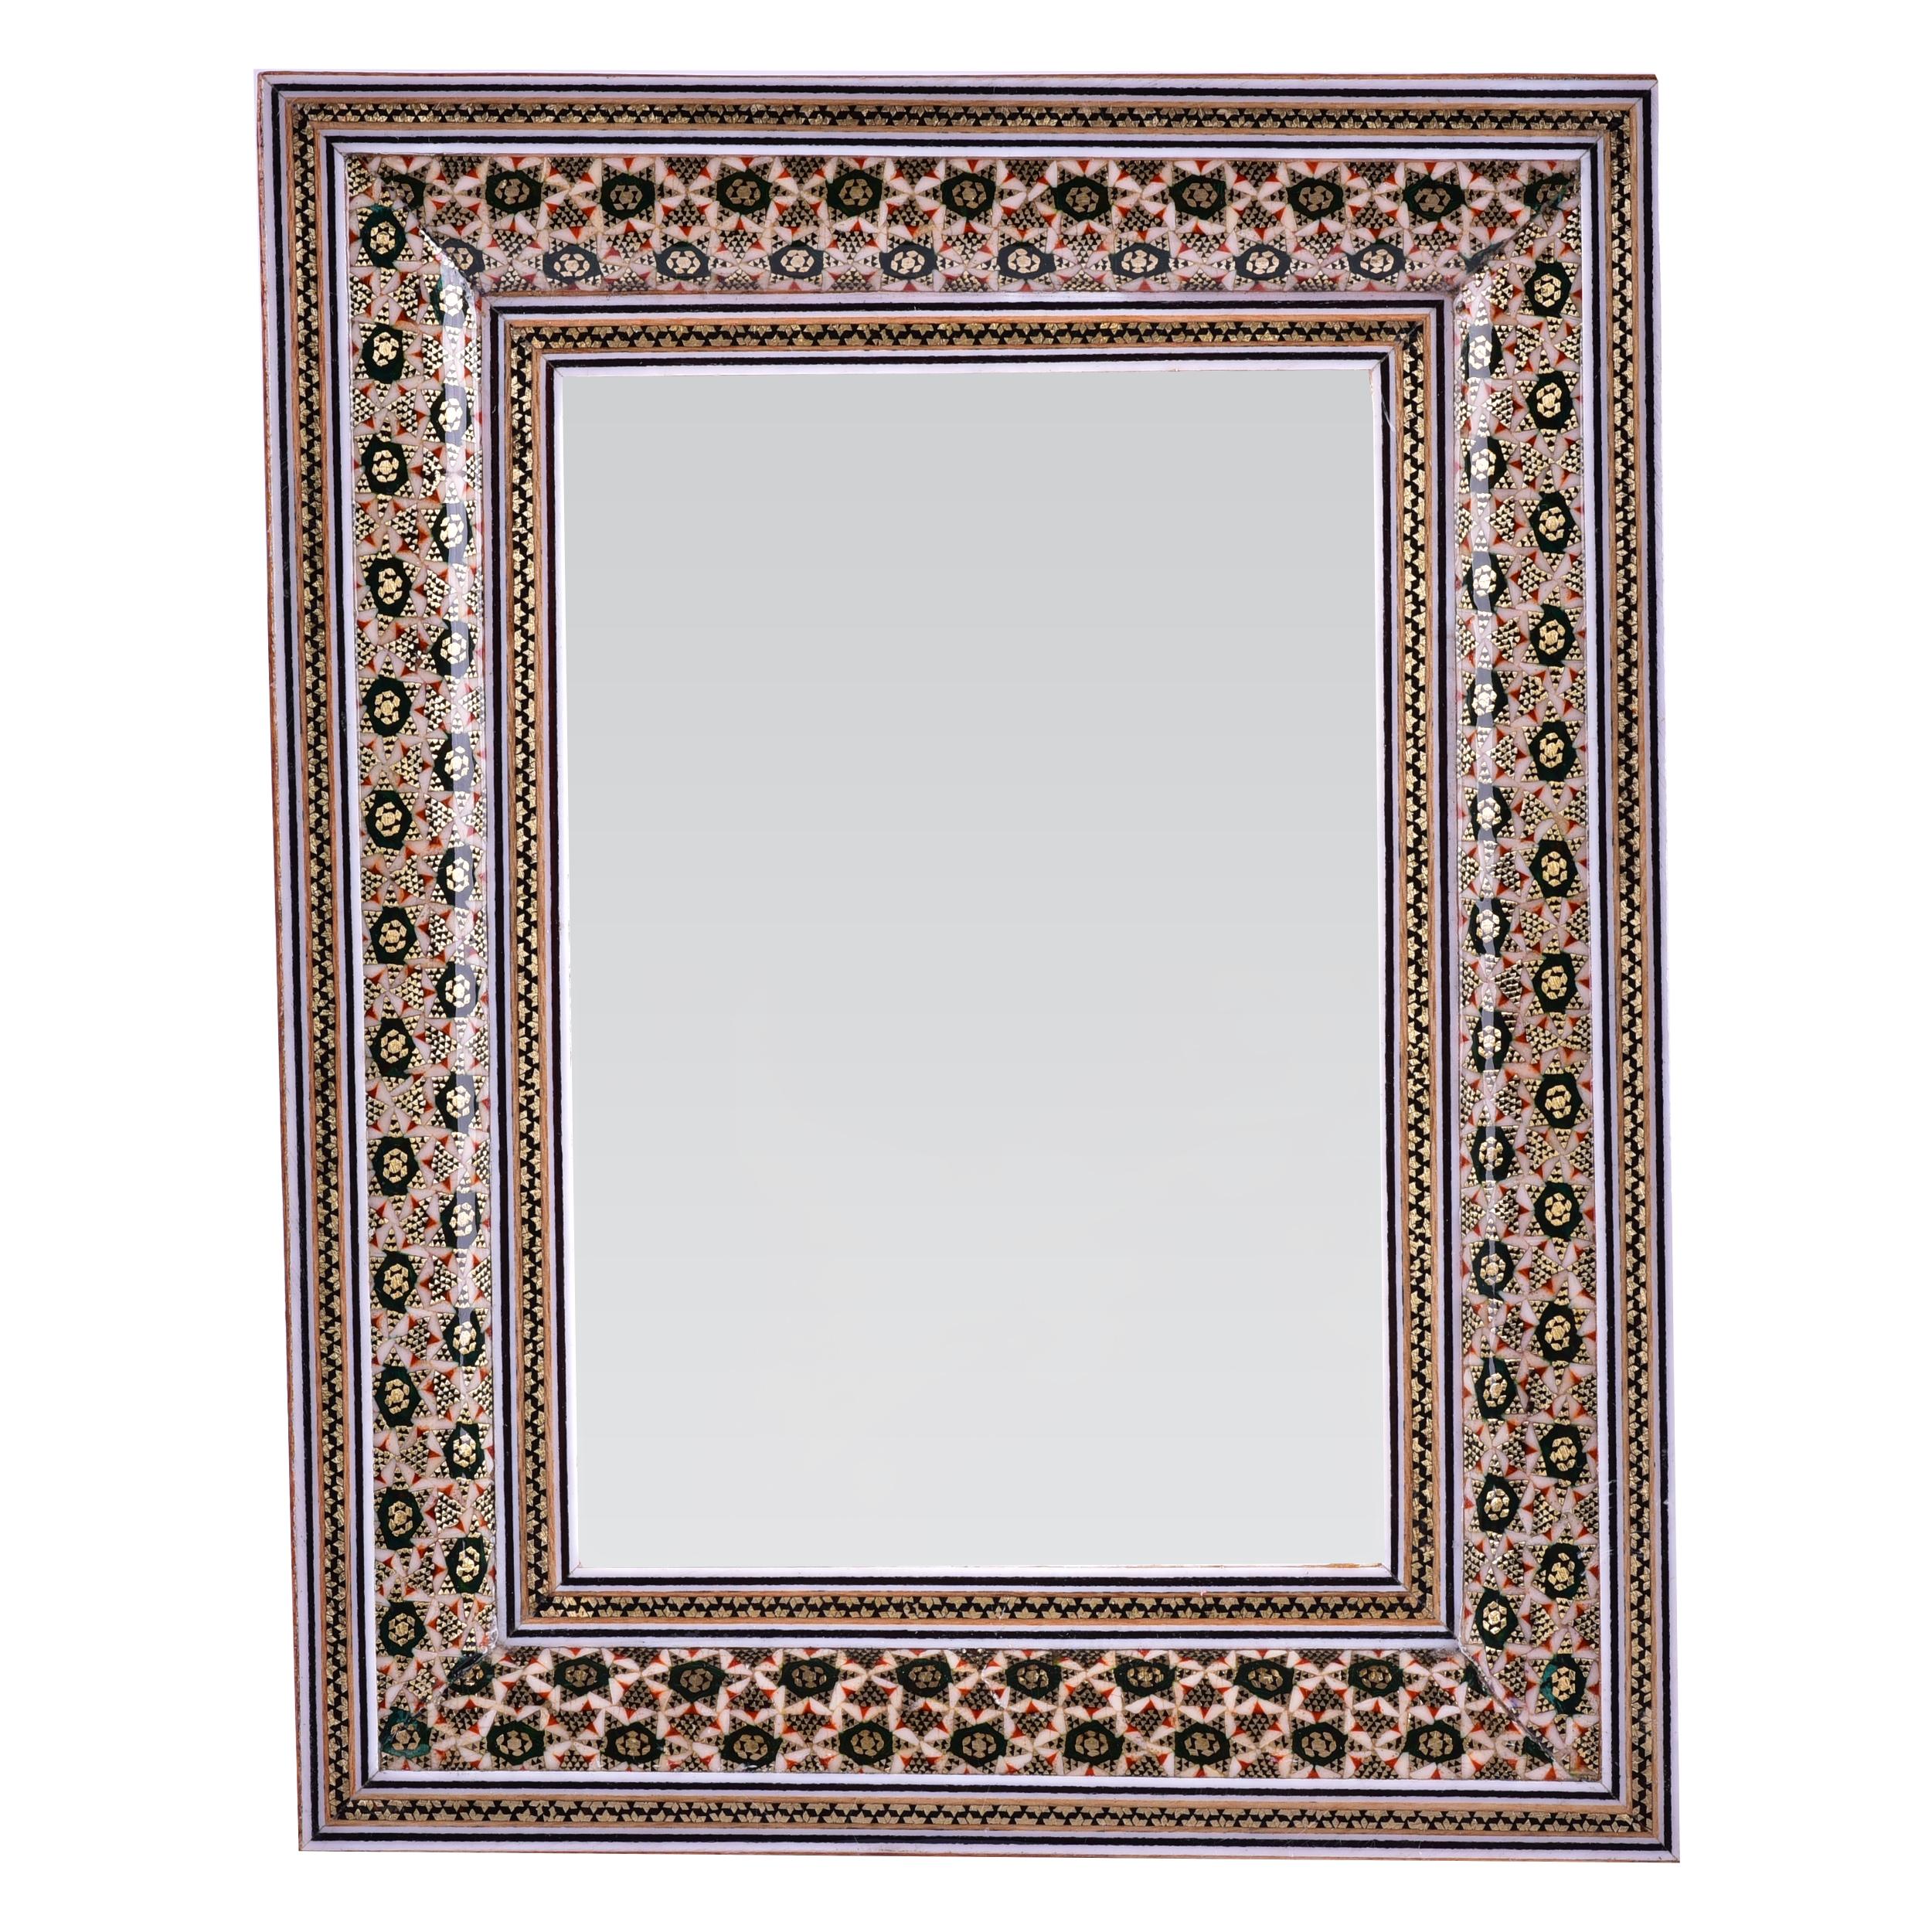 قاب آینه خاتم کاری طرح تذهیب  کد 2519